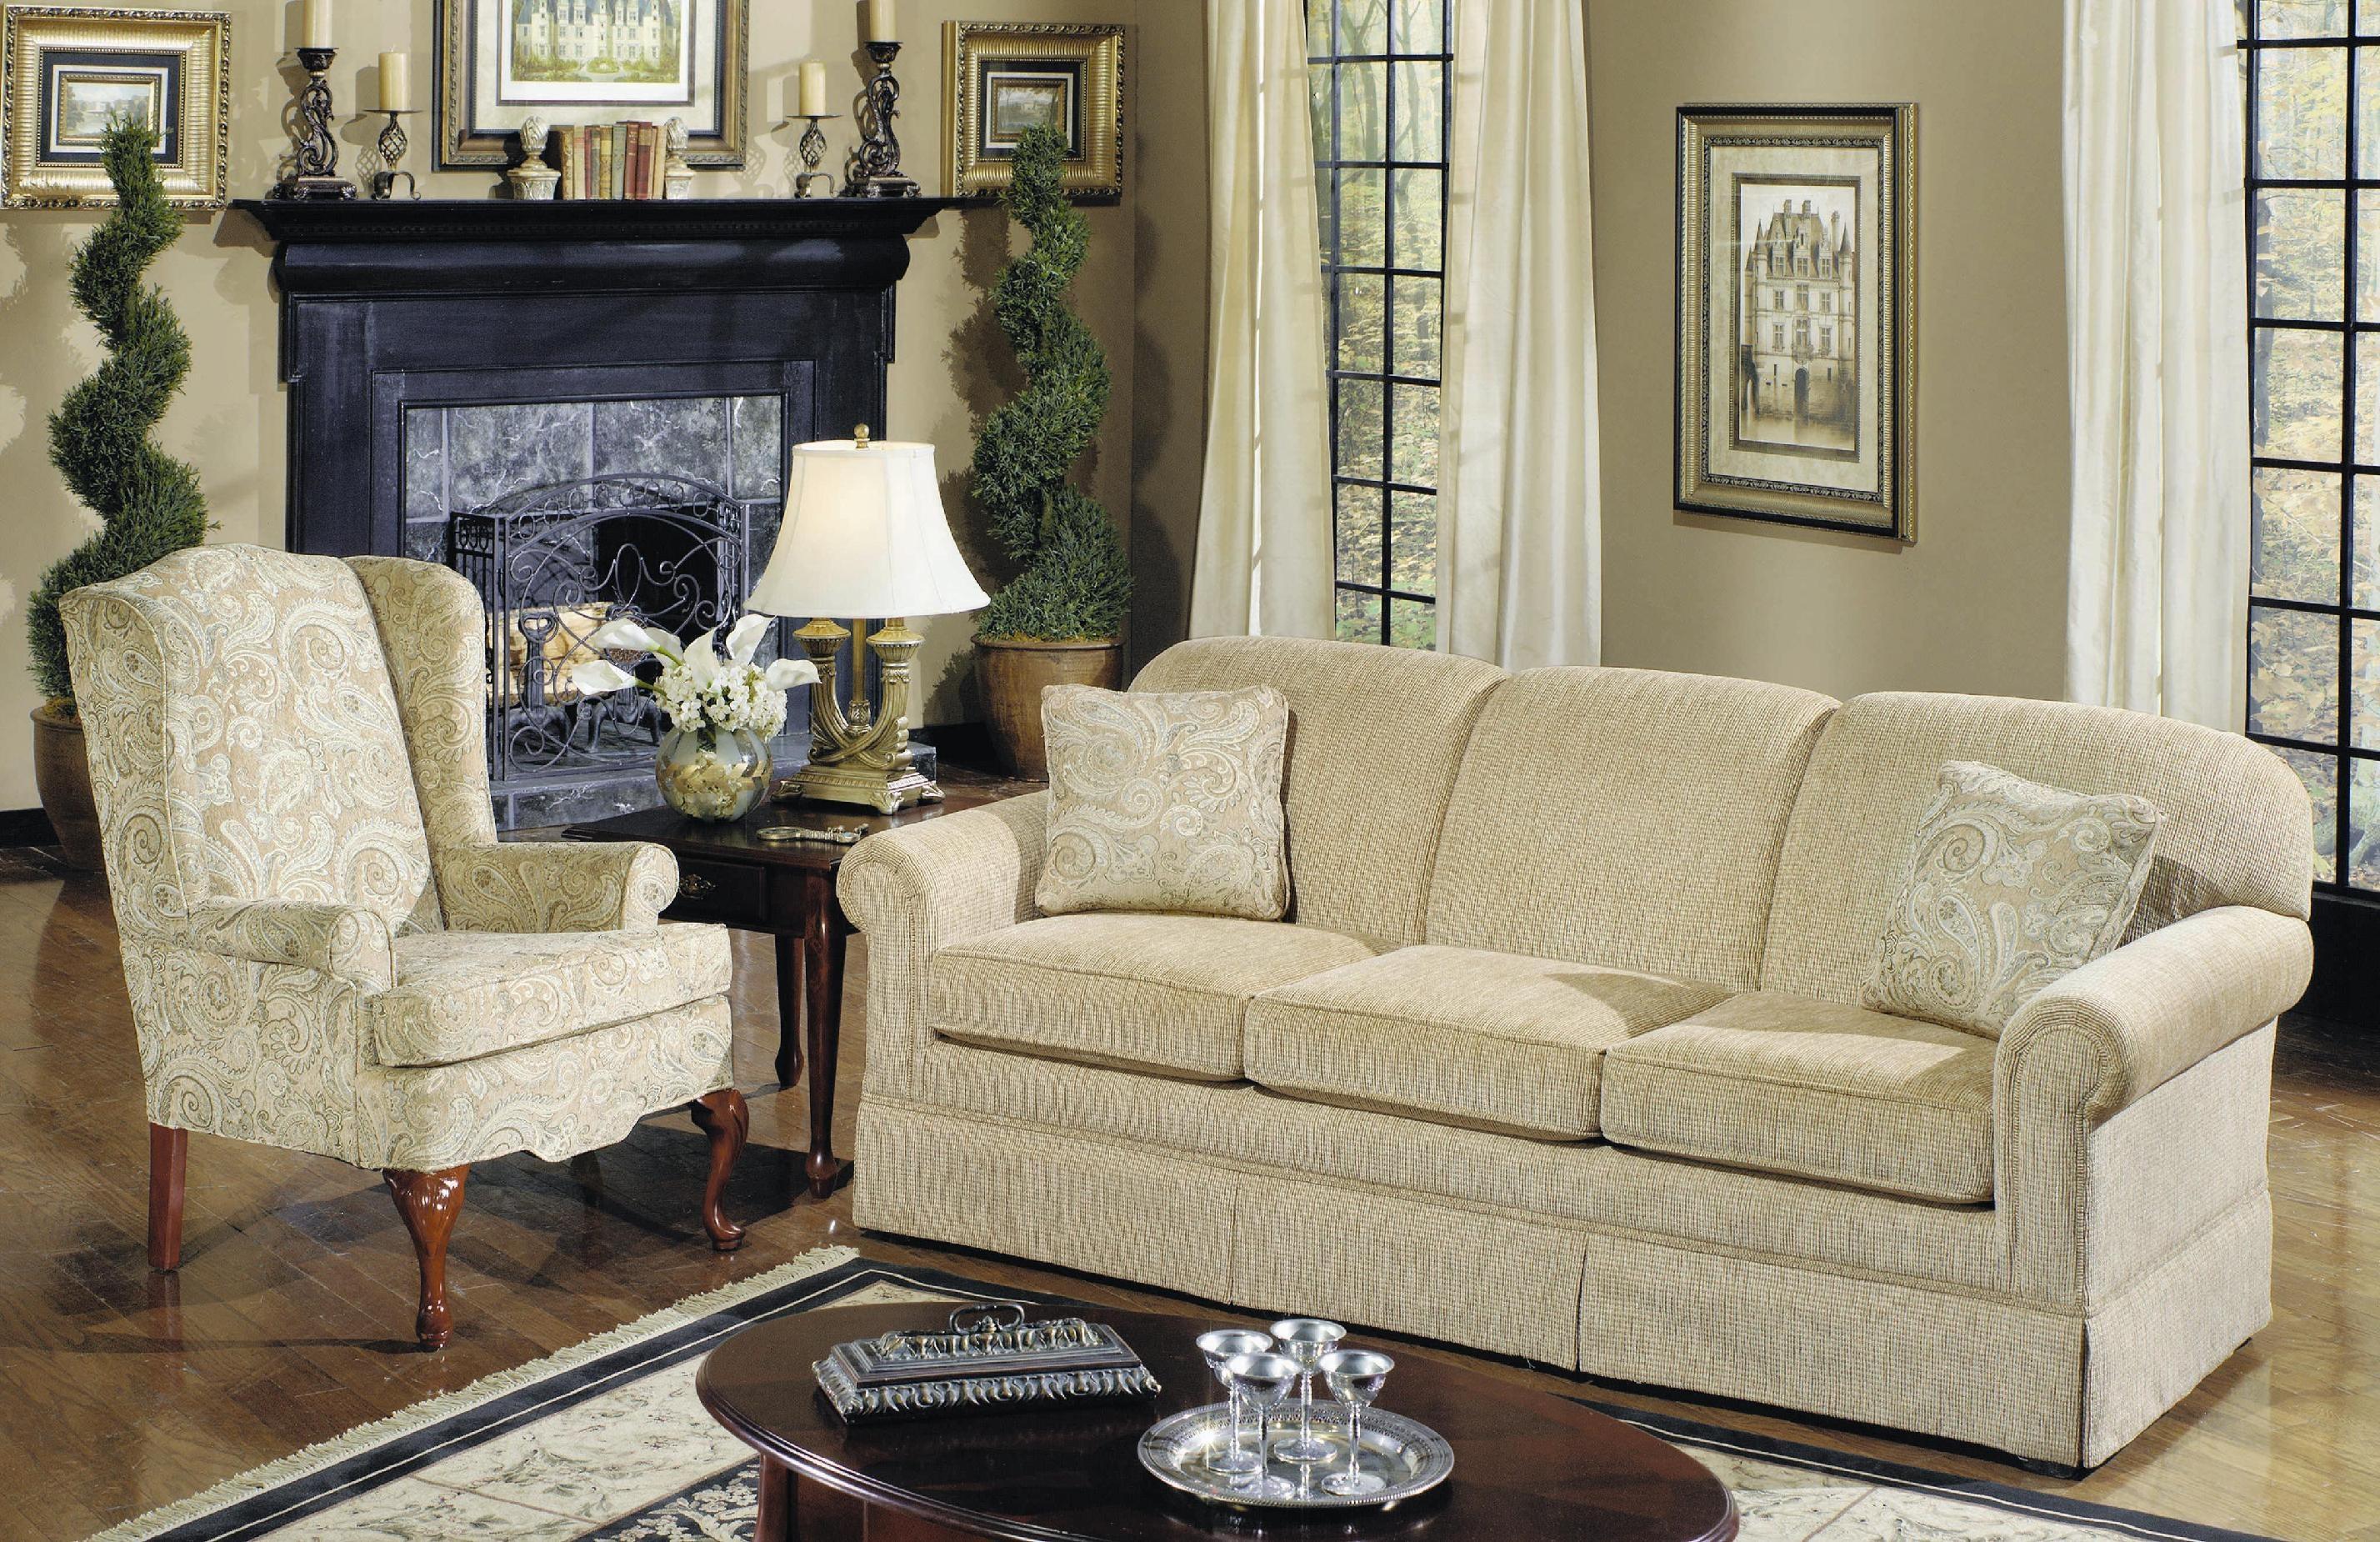 craftmaster three cushion queen sleeper sofa sleeper